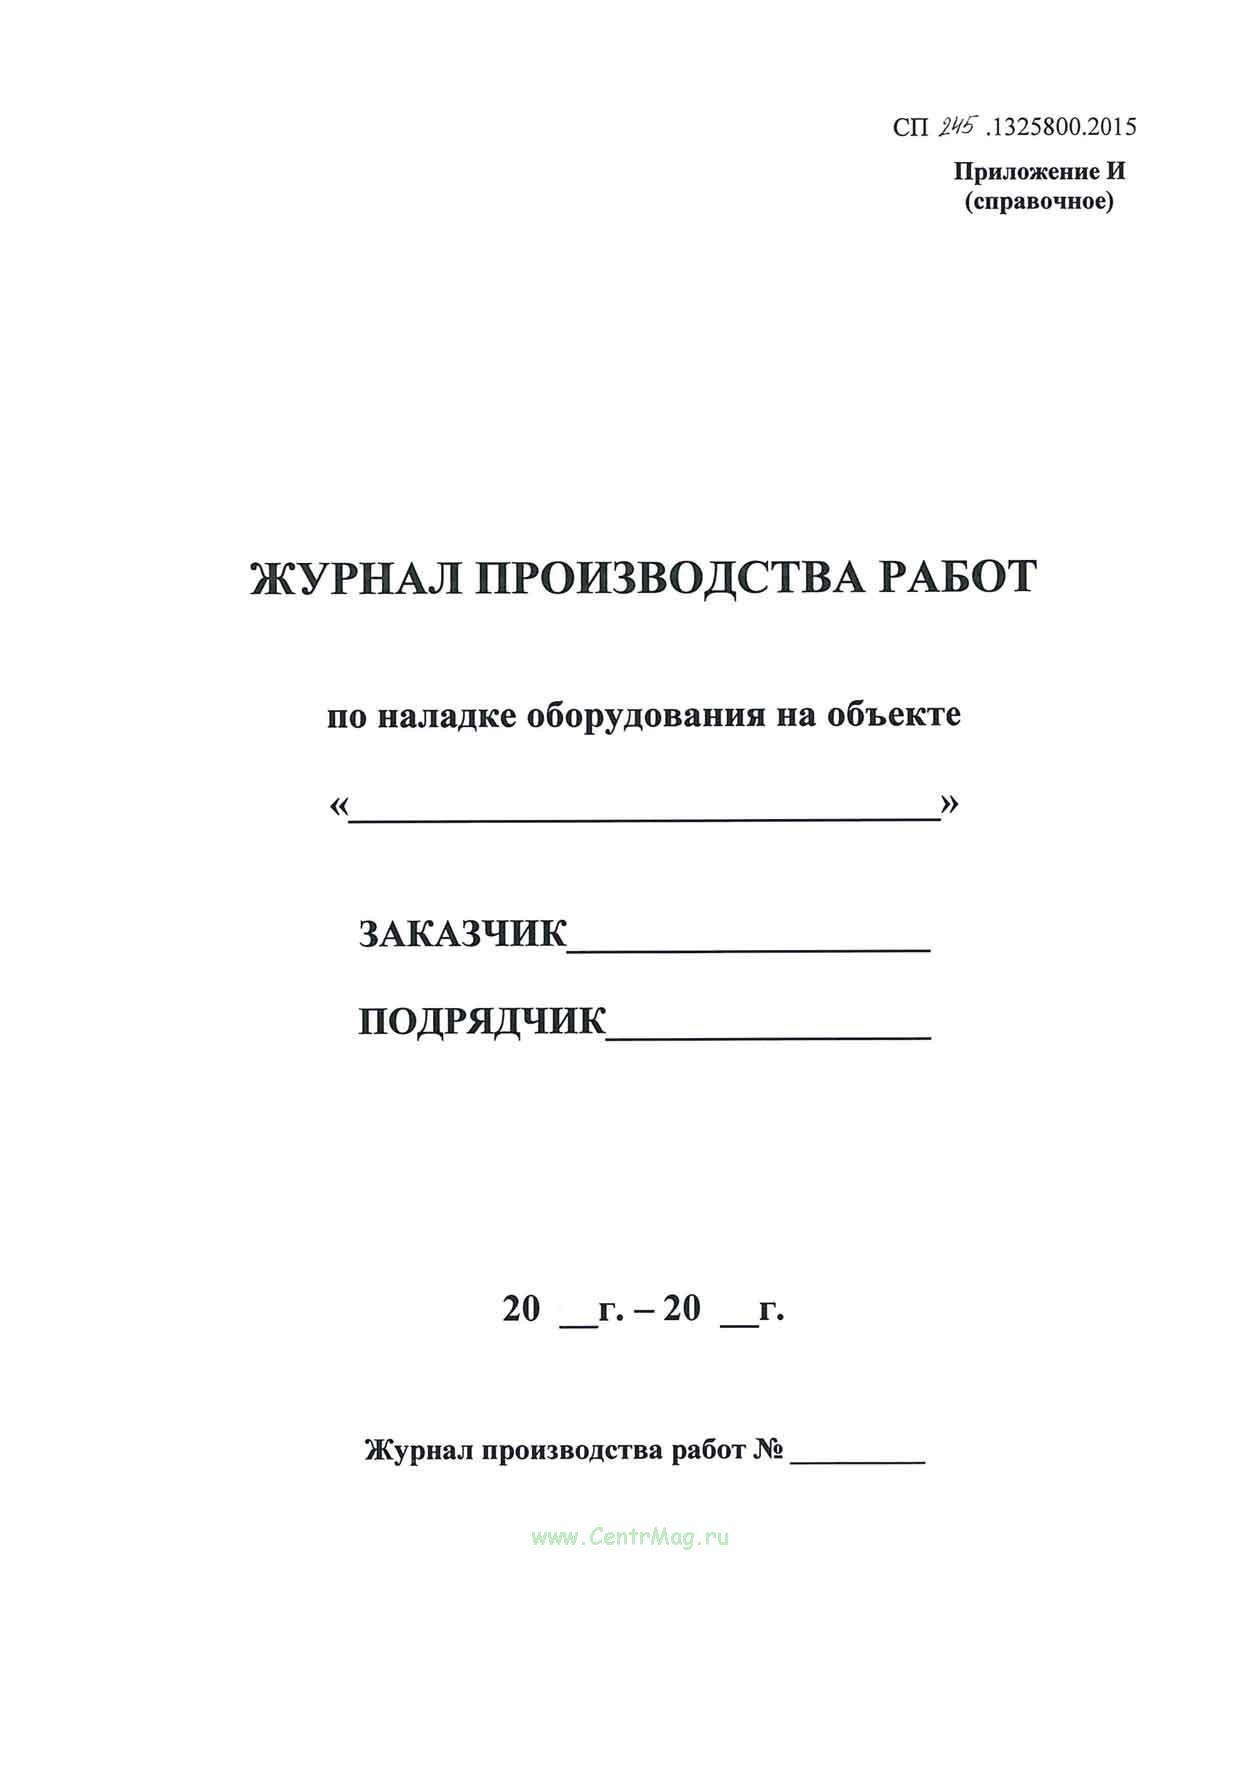 Журнал производства работ по наладке оборудования на объекте СП 245.1325800.2015